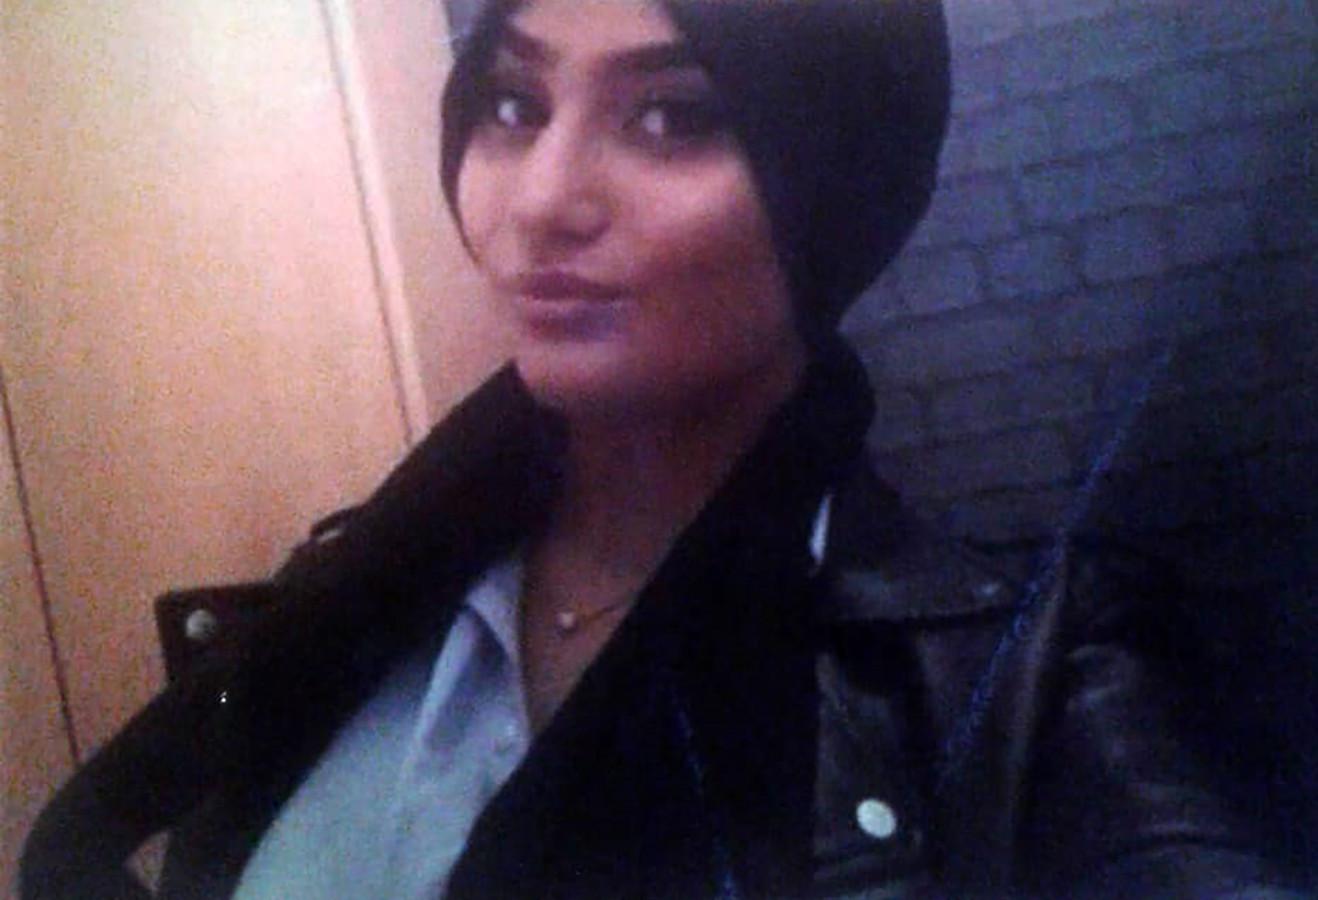 Humeyra werd 18 december doodgeschoten in de fietsenstalling van haar school in Rotterdam-West. De politie pakte kort daarna hoofdverdachte Bekir E. (31) in de buurt van de school op.